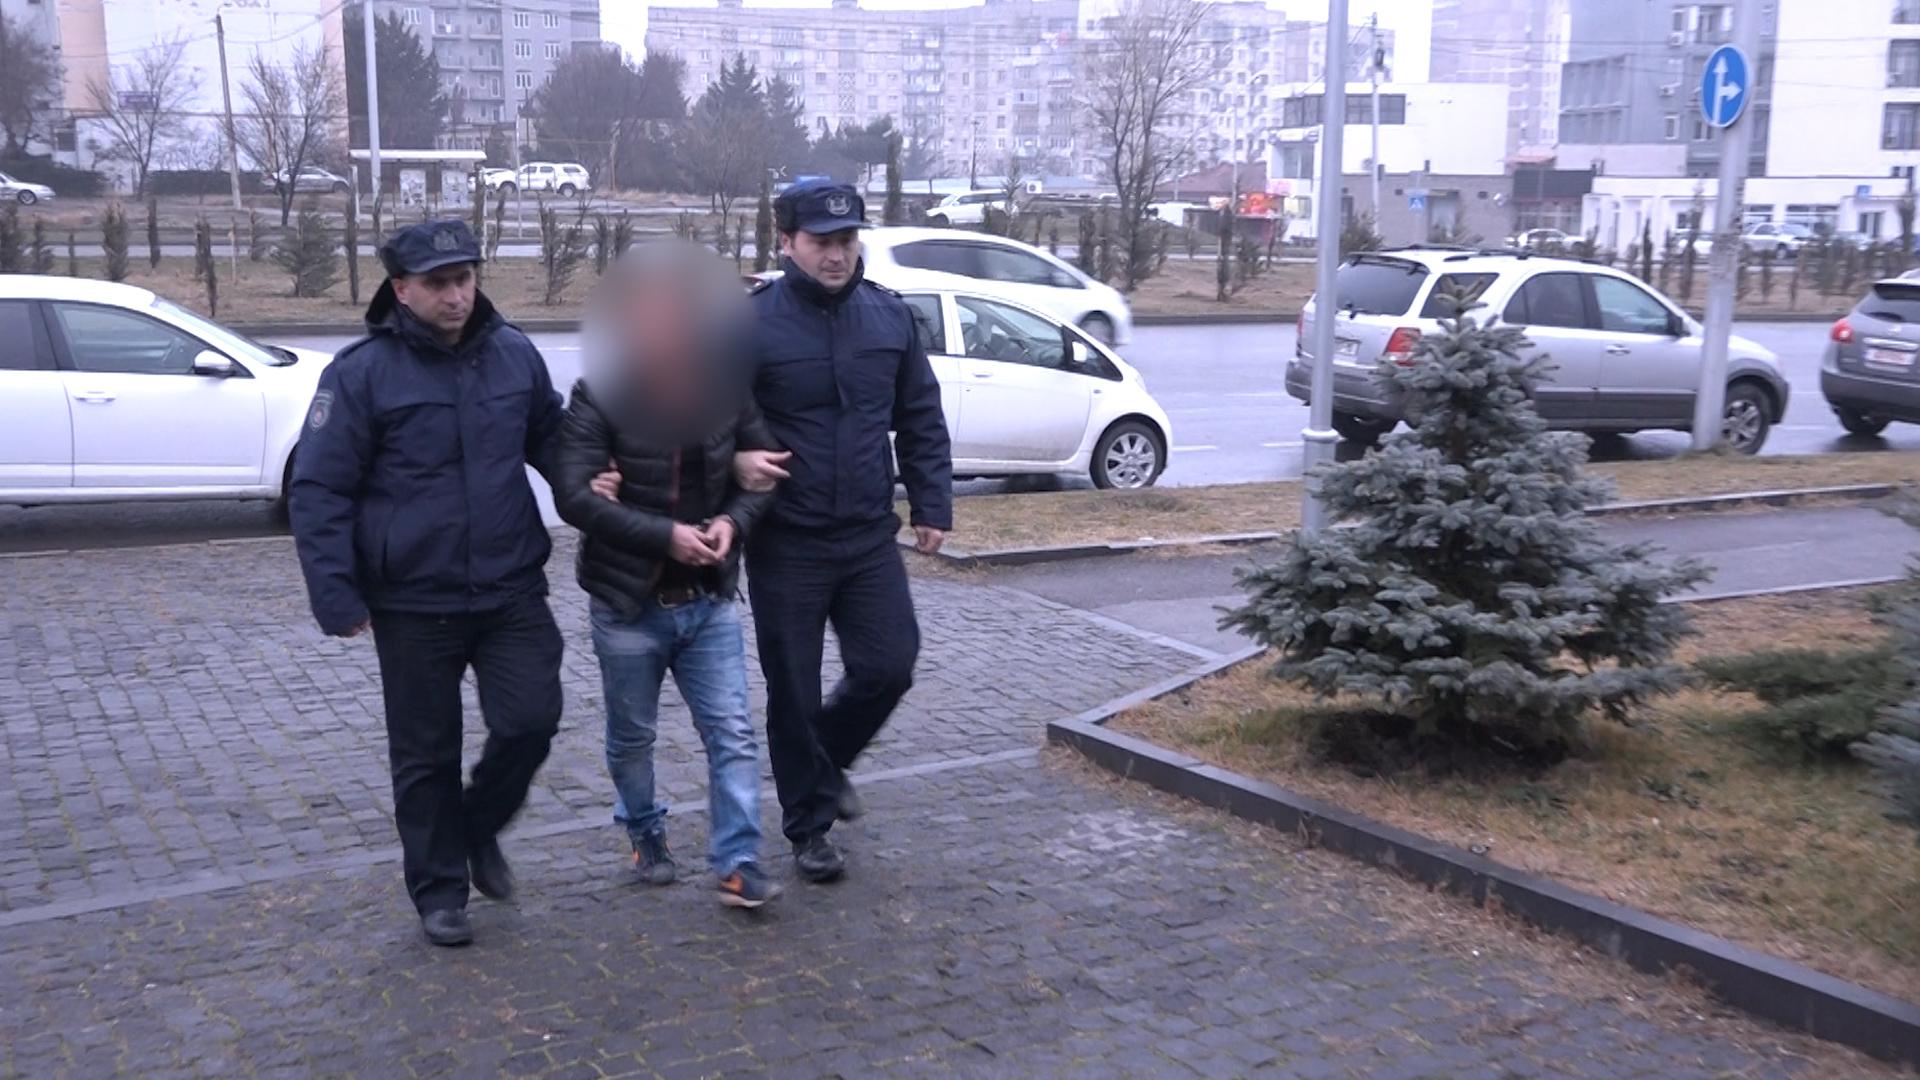 თბილისში, მანქანის ქურდობის მცდელობის ფაქტზე სამი პირი დააკავეს